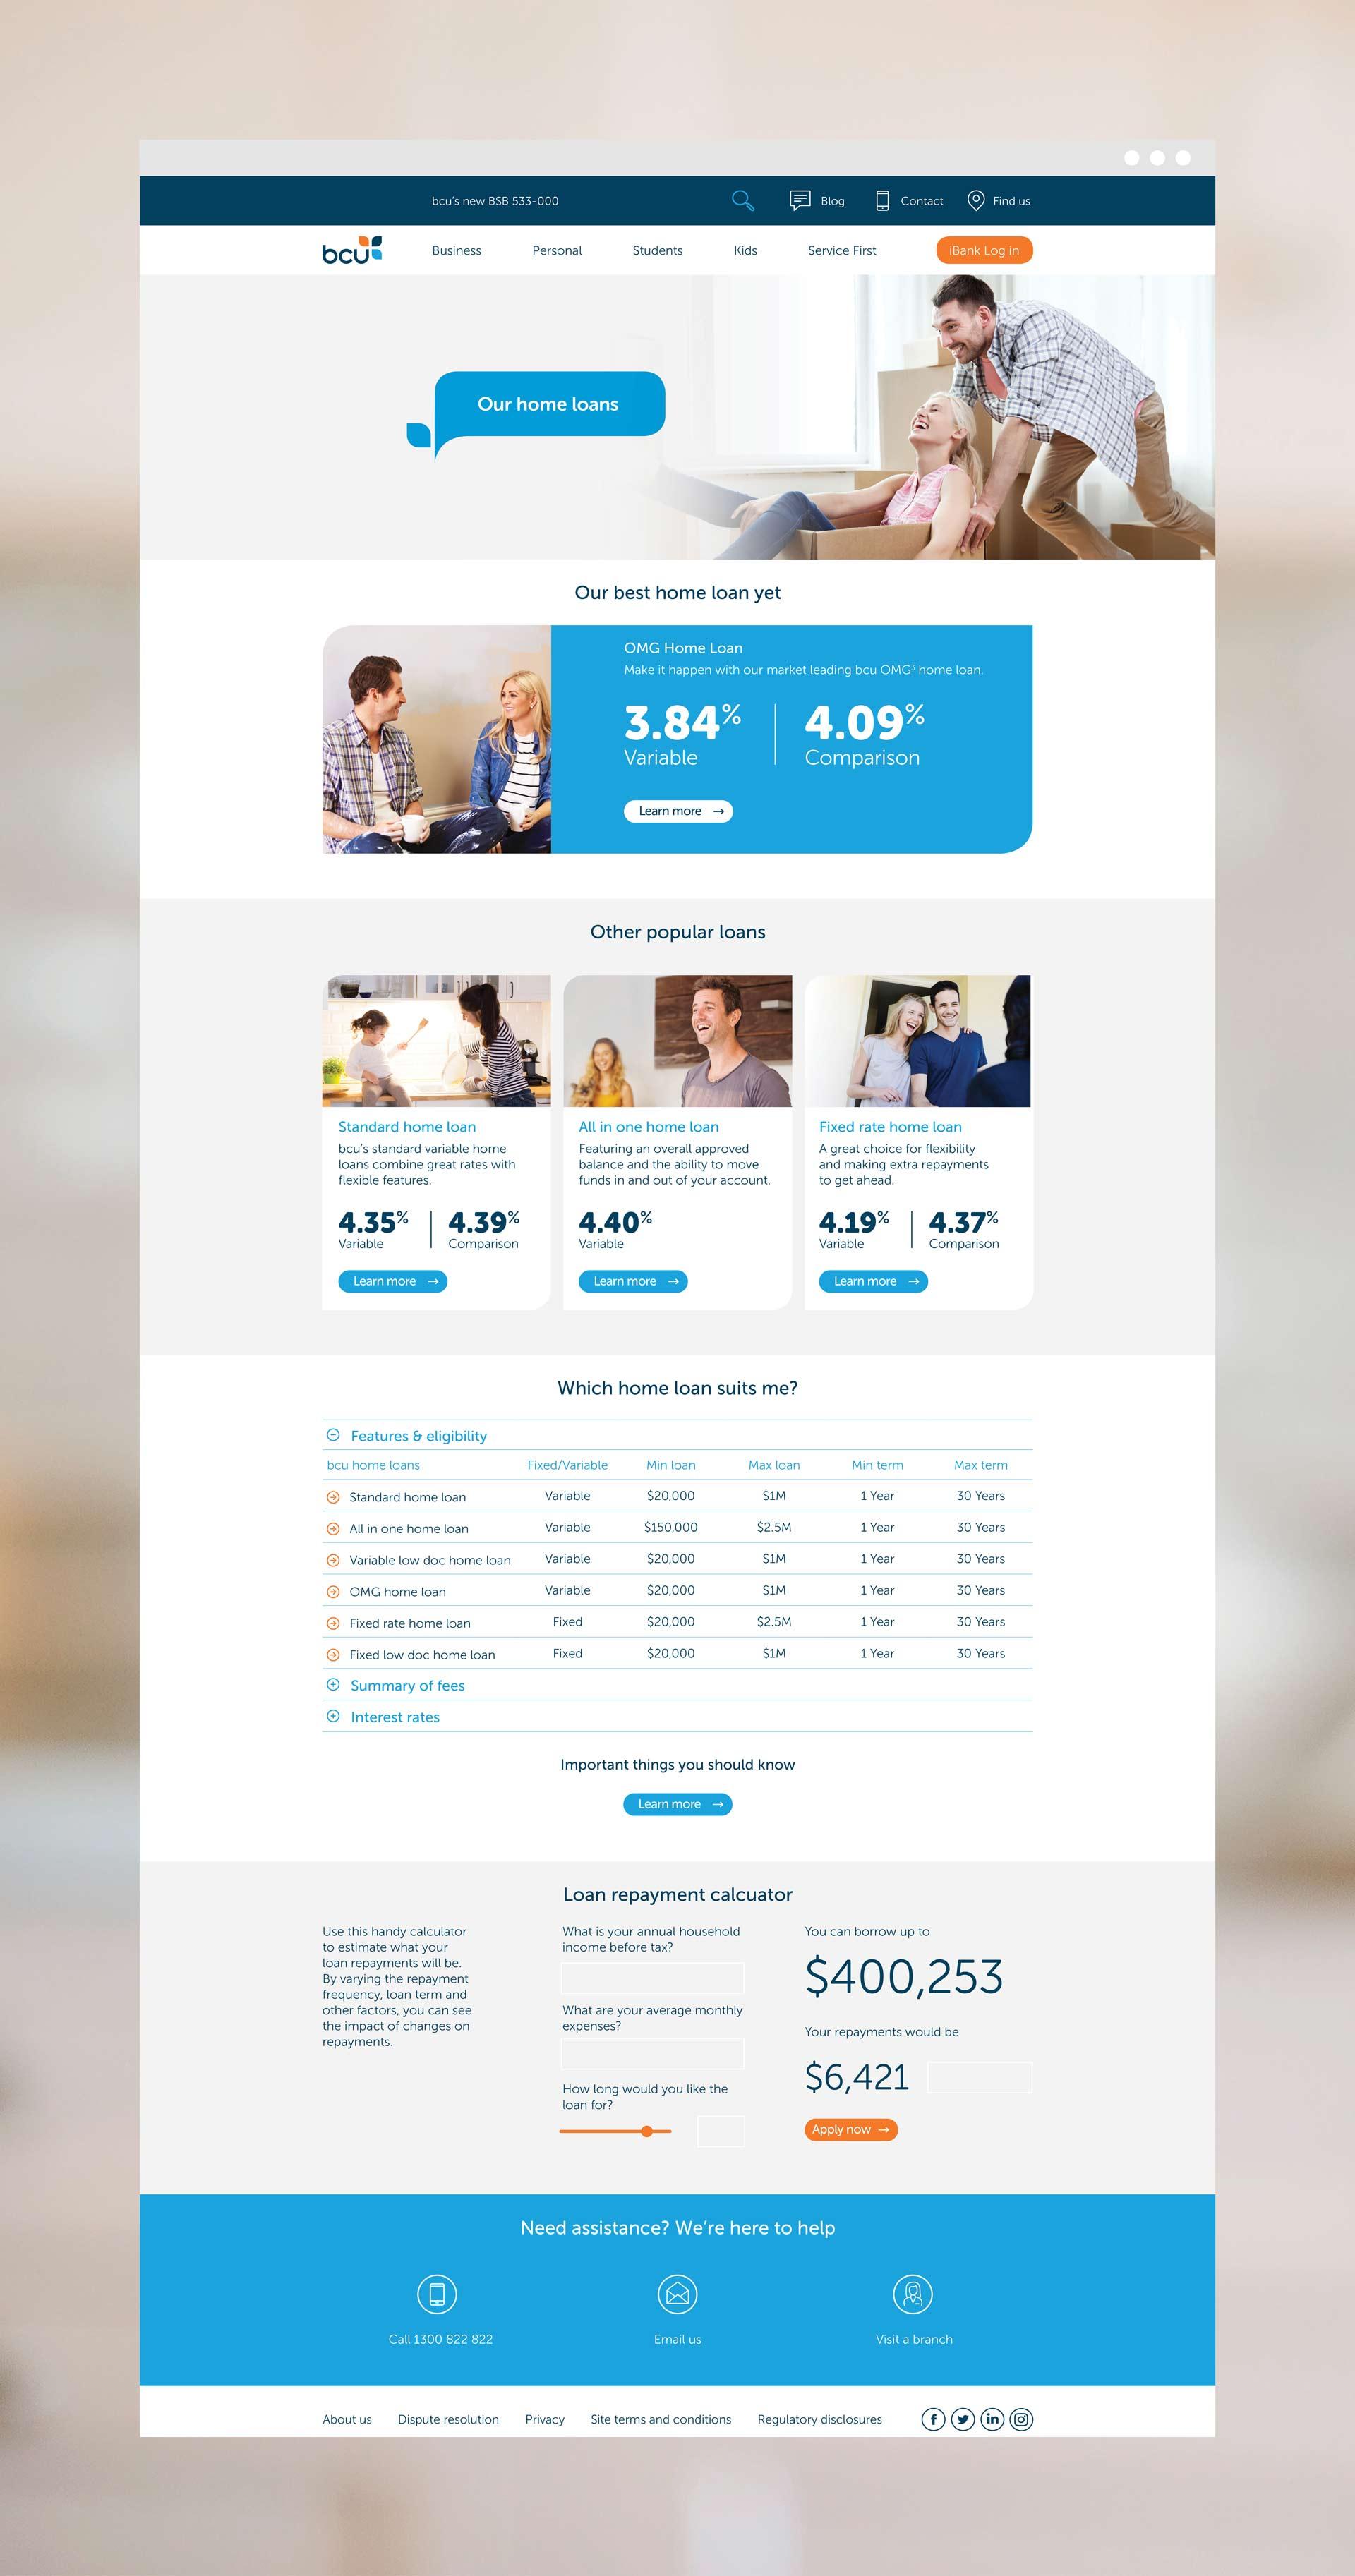 bcu Website Interface Design